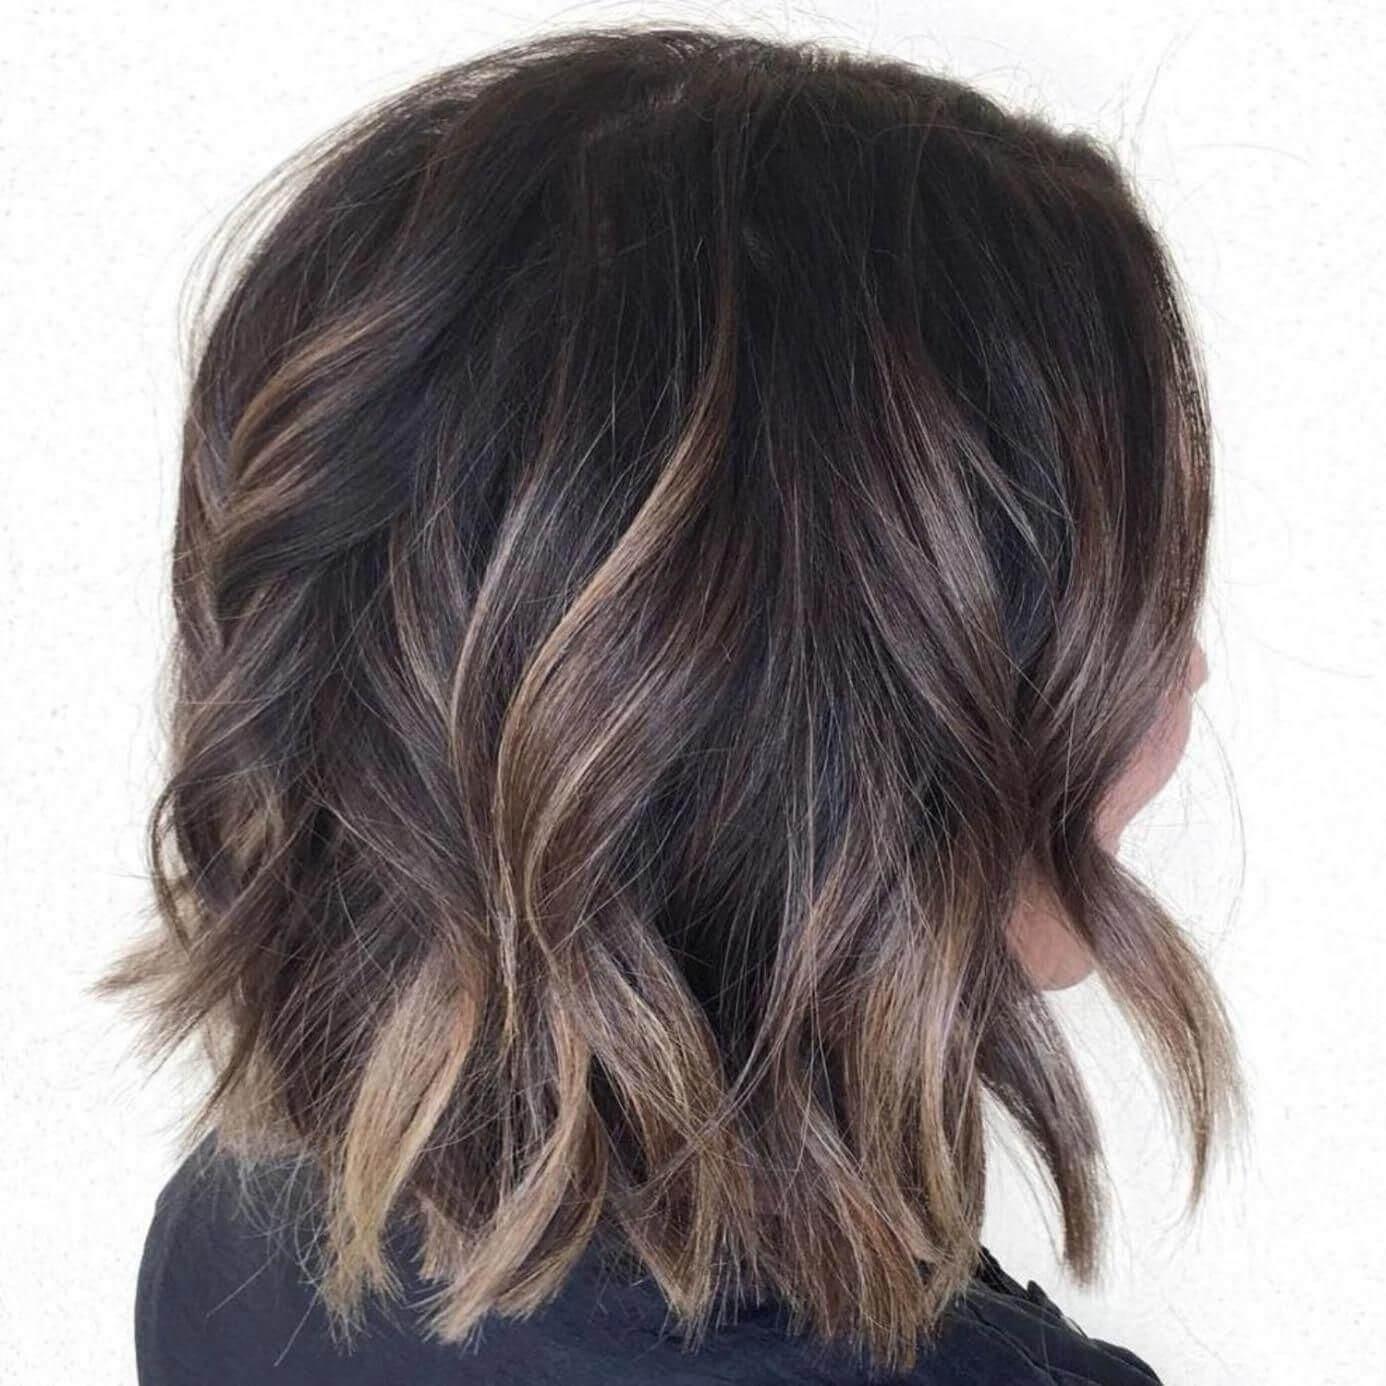 Идеи модного окрашивания волос 2021: тренды, новые техники, модные в 2021 оттенки волос